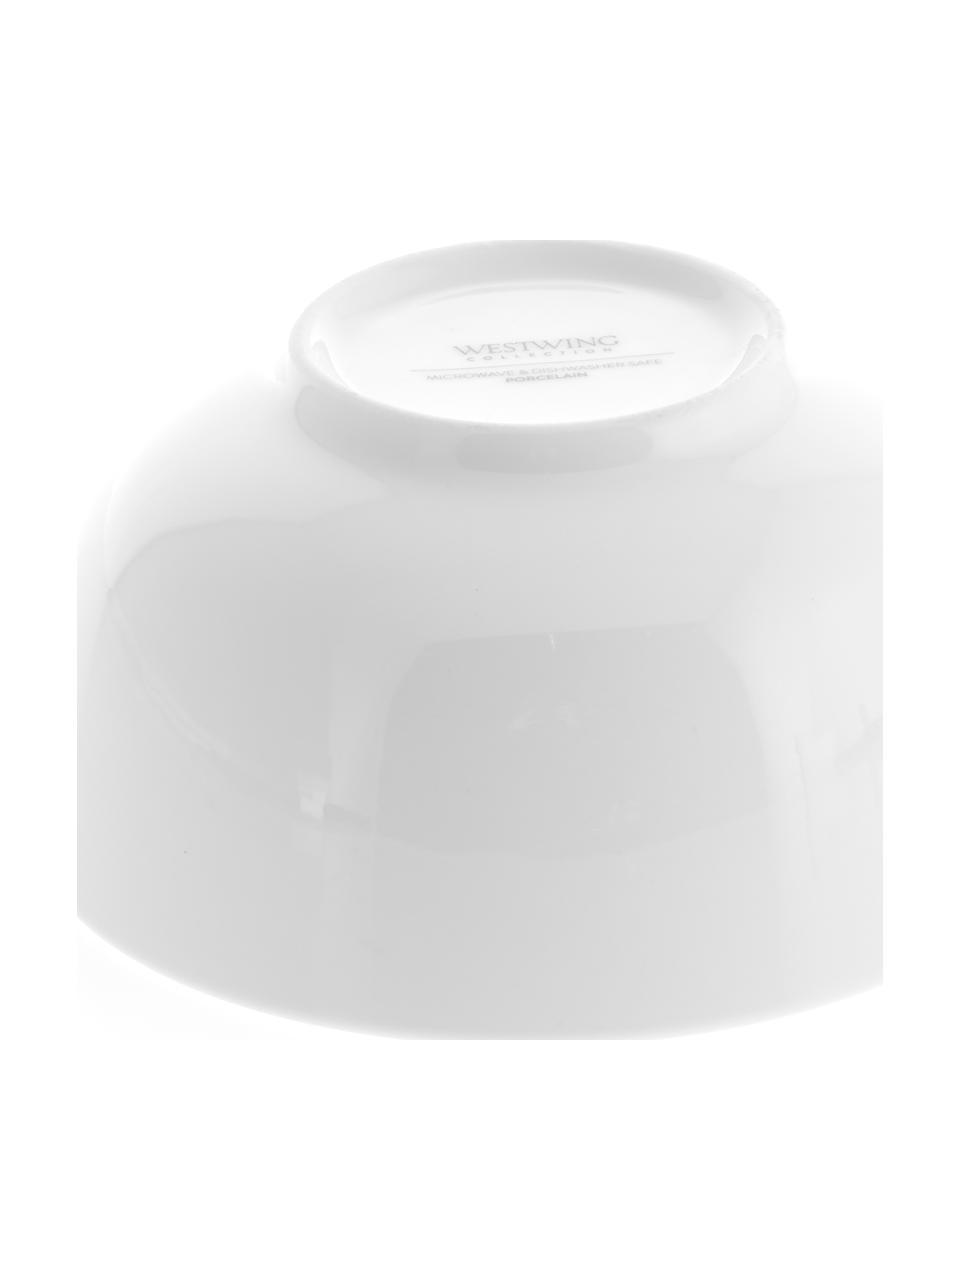 Porzellan-Schälchen Delight in Weiß, 2 Stück, Porzellan, Weiß, Ø 14 x H 7 cm